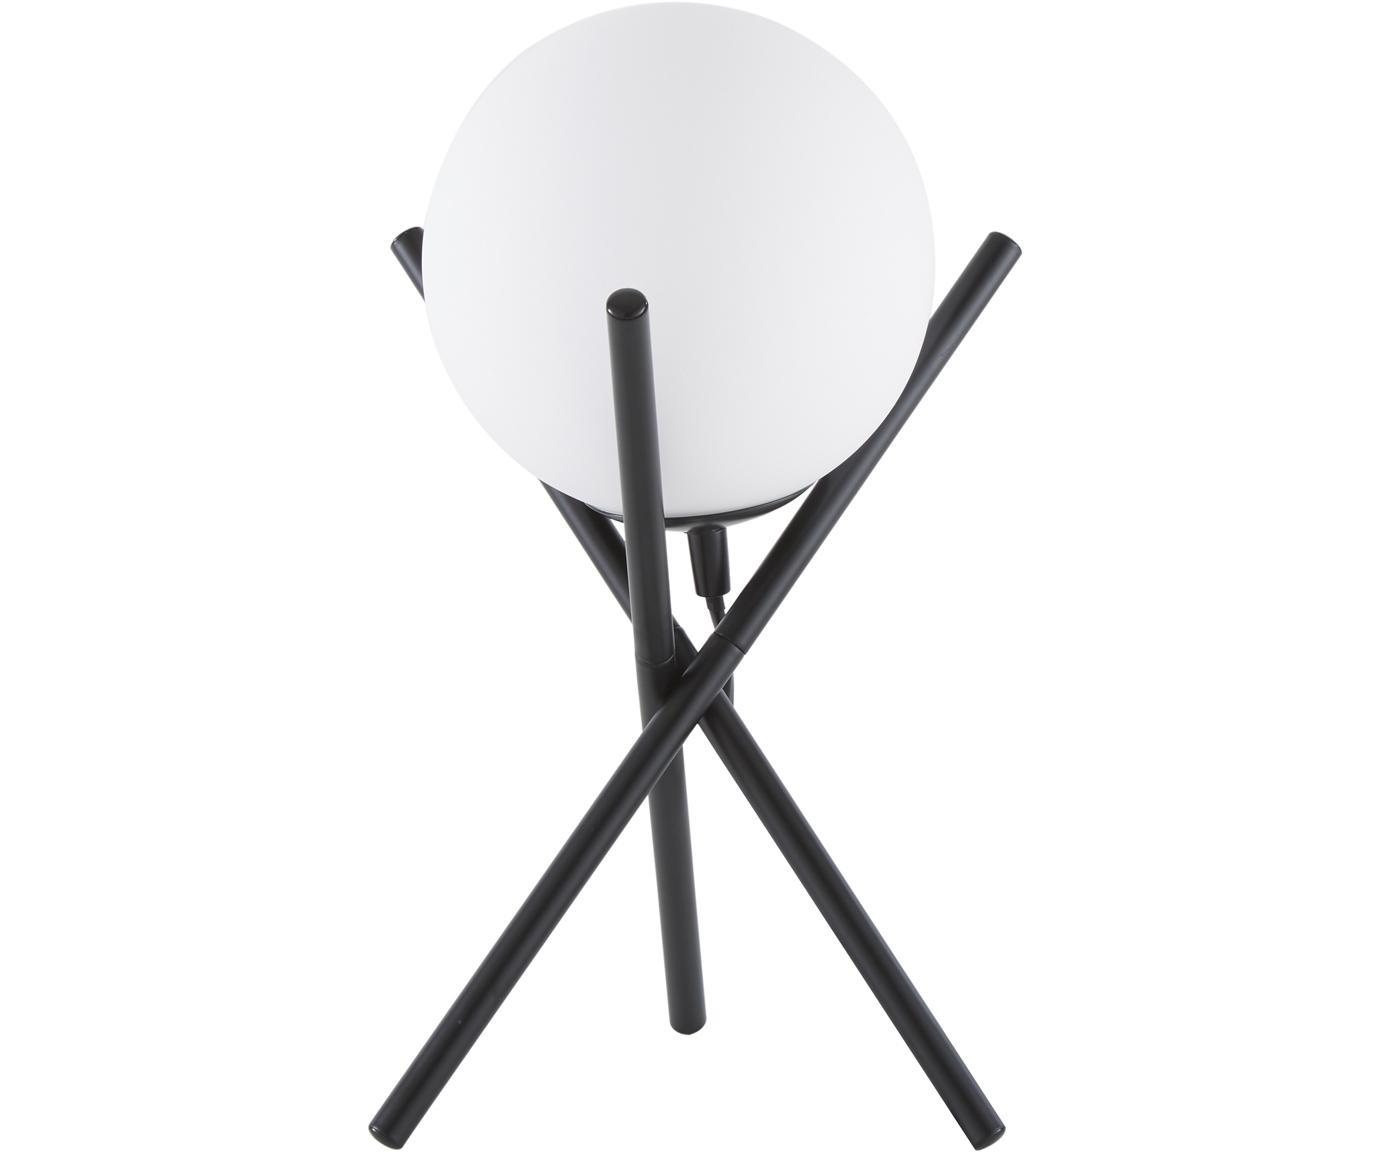 Lampada da tavolo Erik, Paralume: vetro, Base della lampada: metallo verniciato a polv, Bianco, nero, Ø 15 x Alt. 33 cm